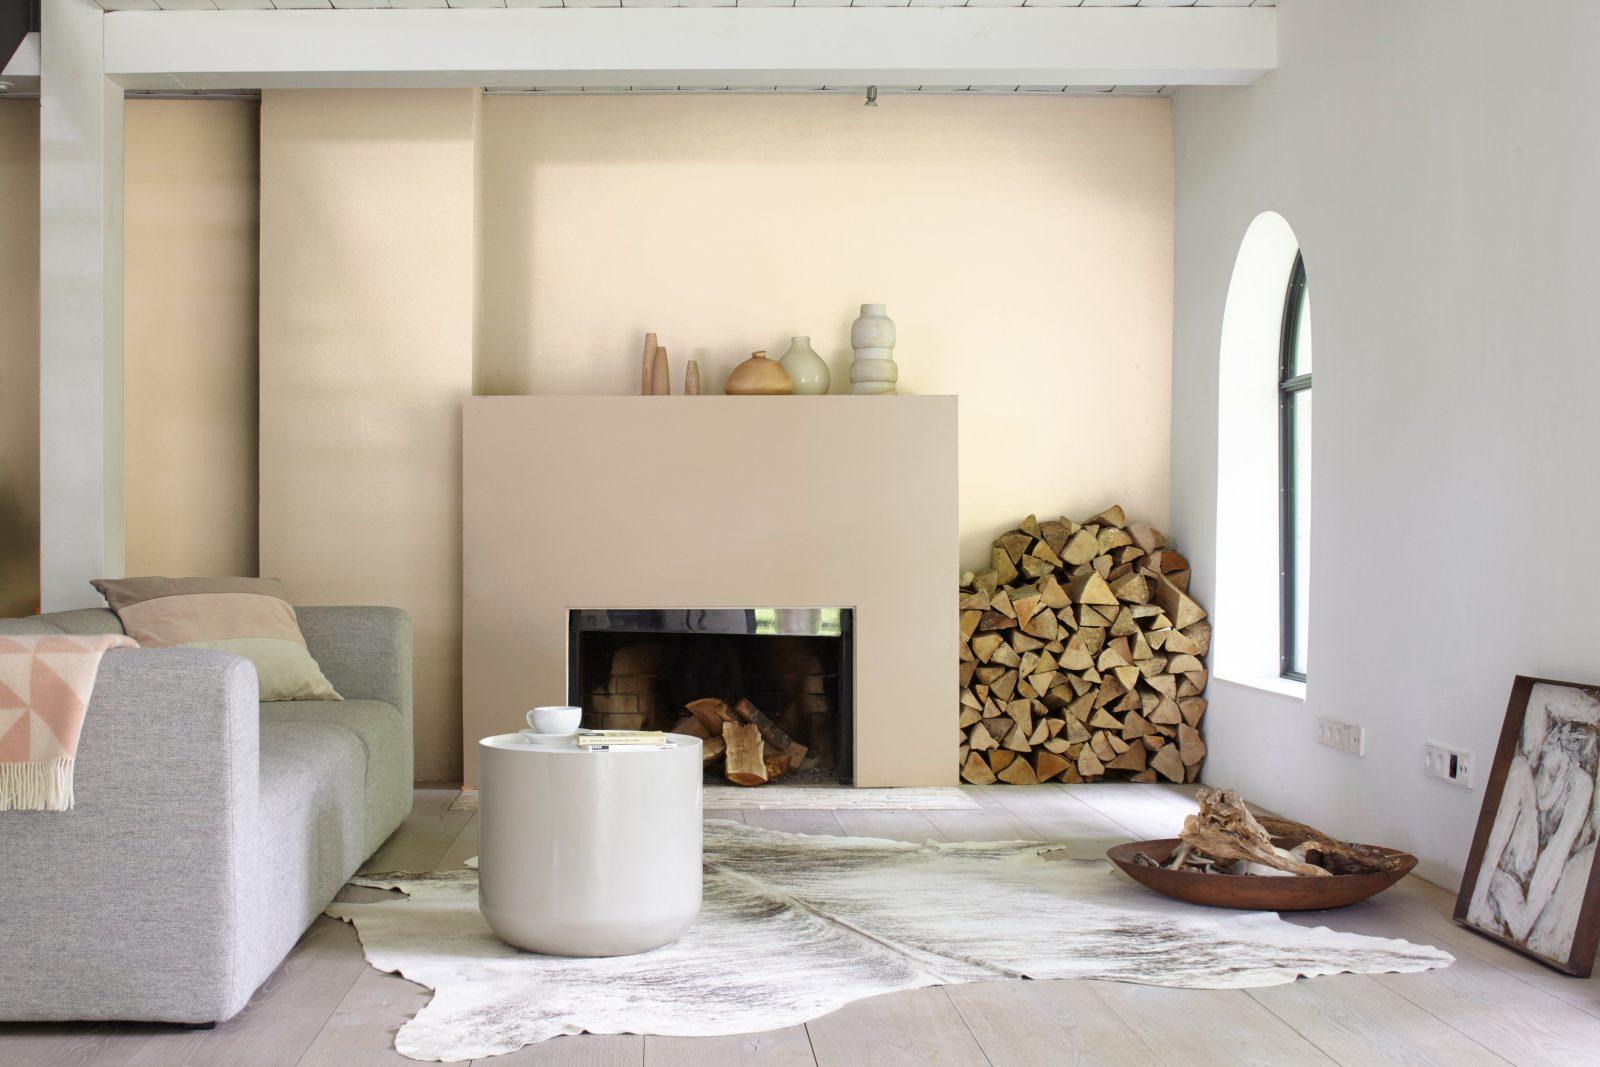 Welche Passt In Welches Zimmer Alpina Fabe  Einrichten von Anthrazit Couch Wohnzimmer Farbe Photo